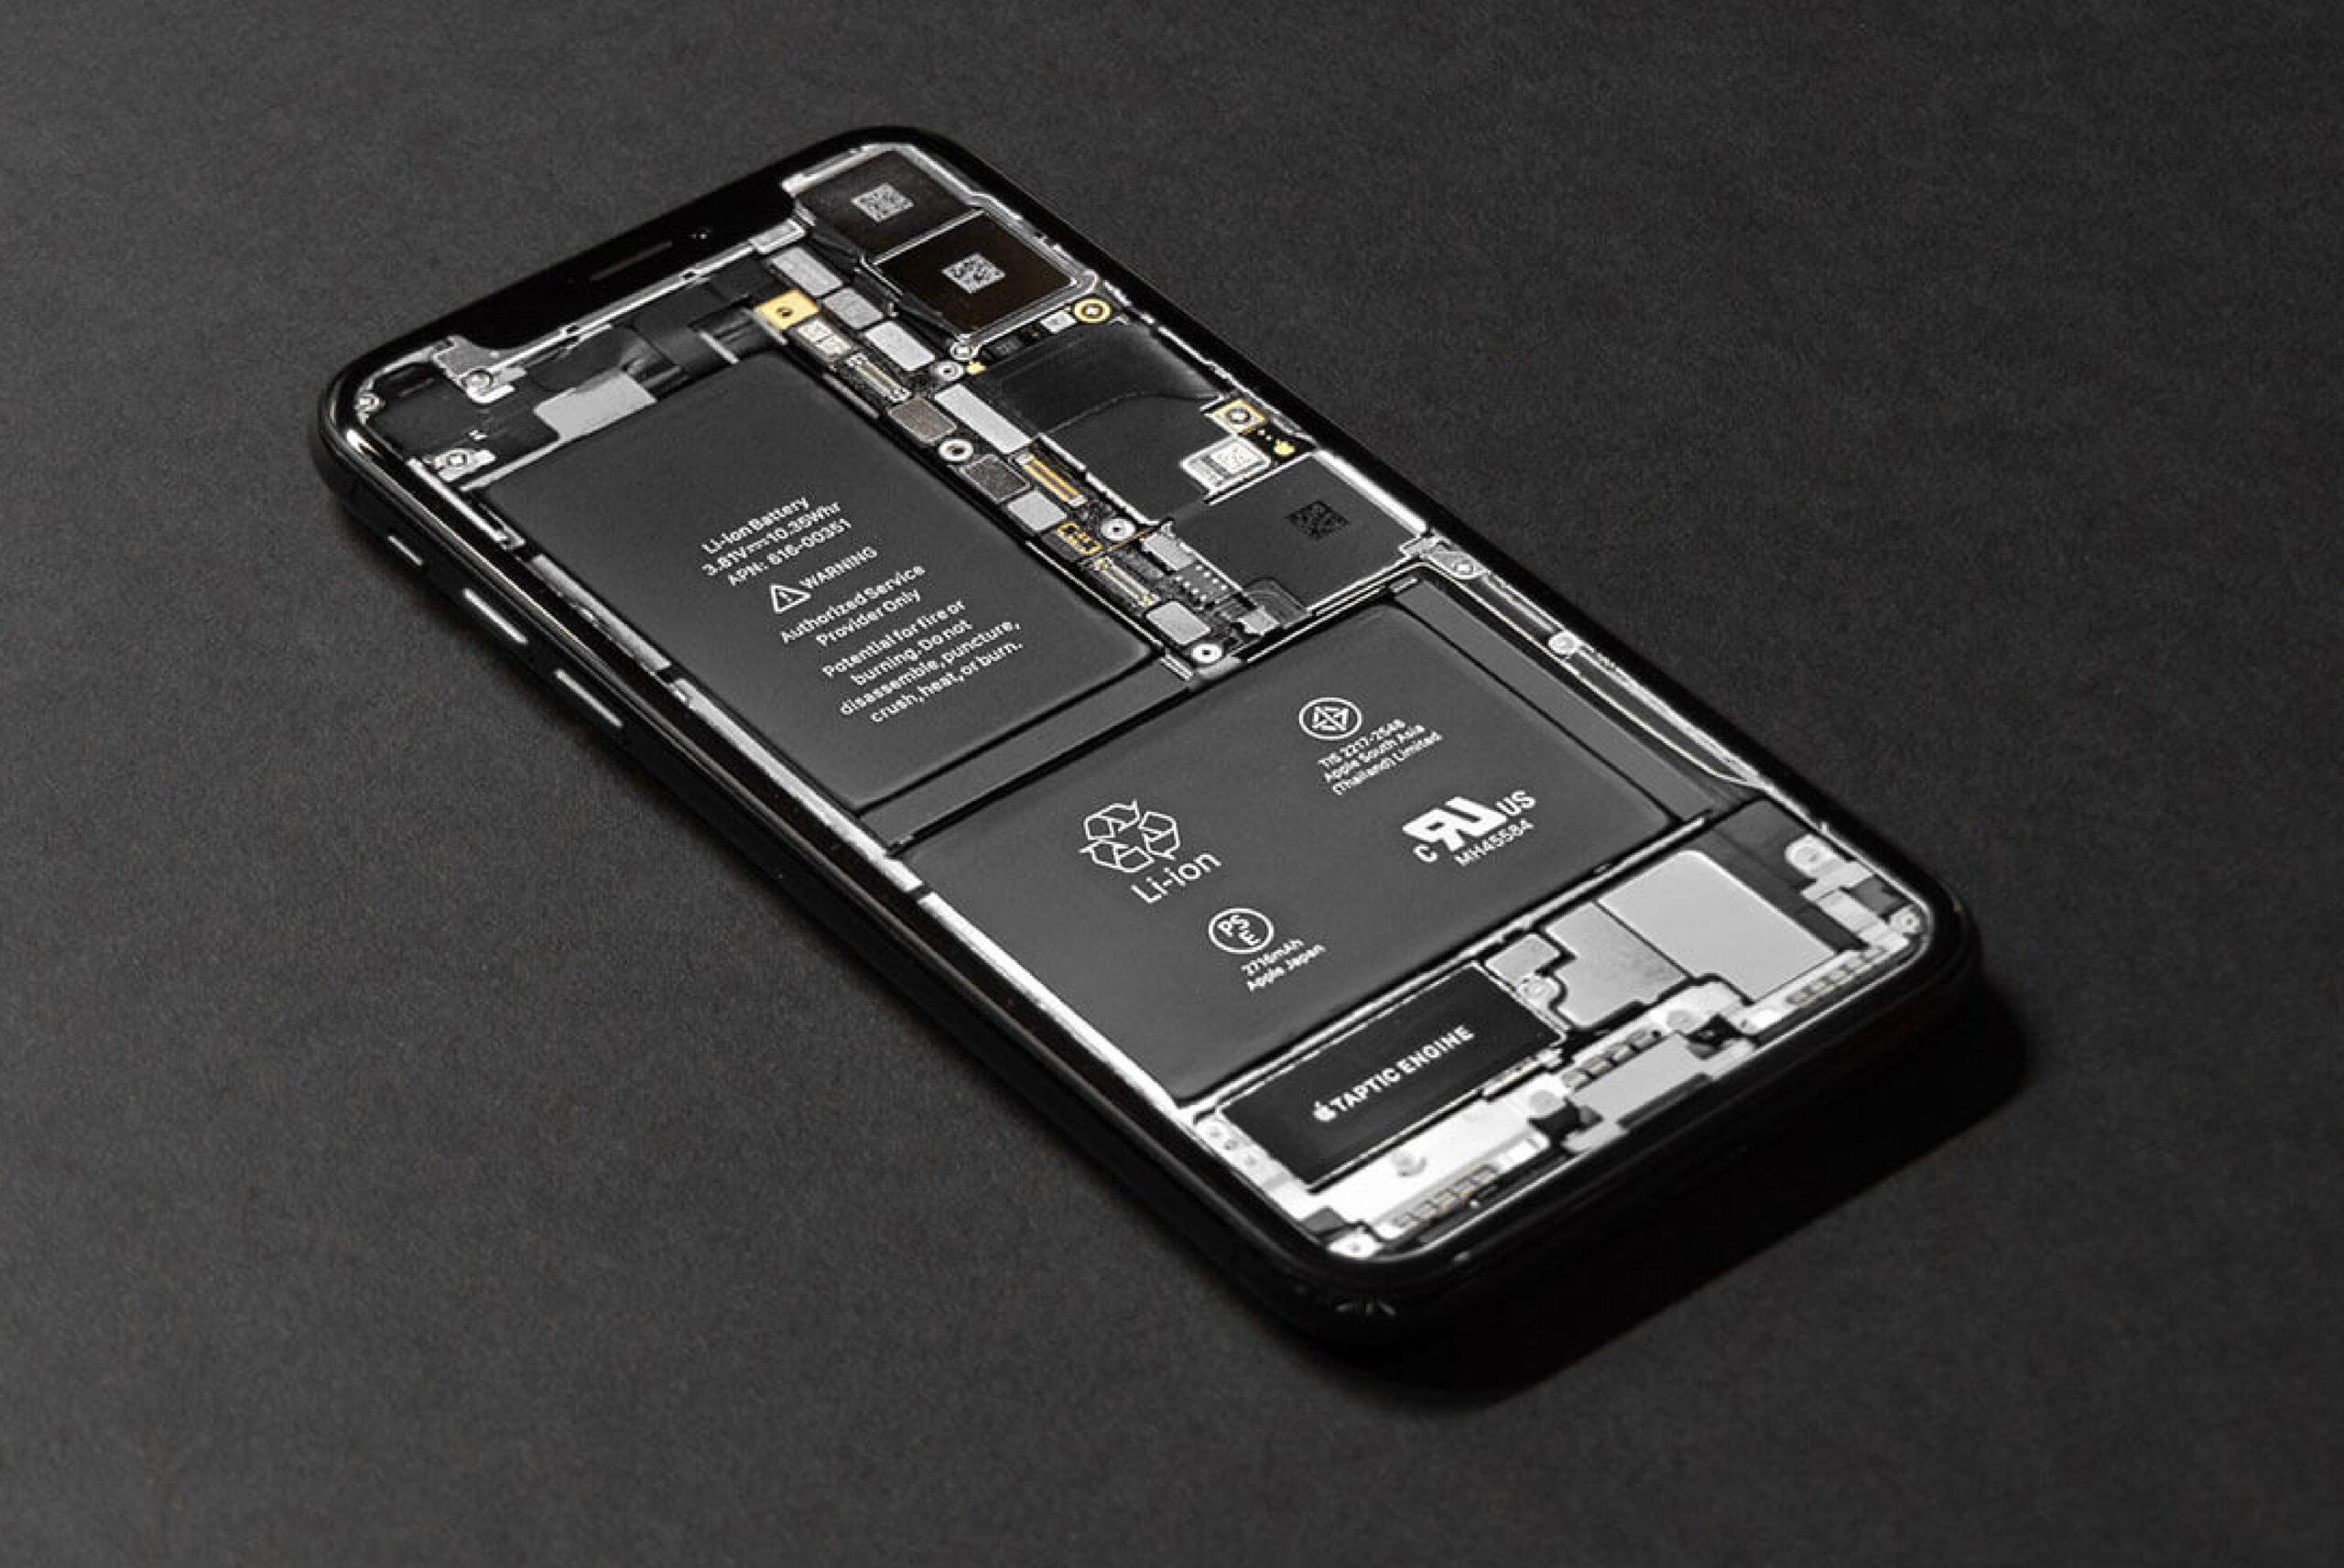 Como está a saúde da bateria do seu iPhone?